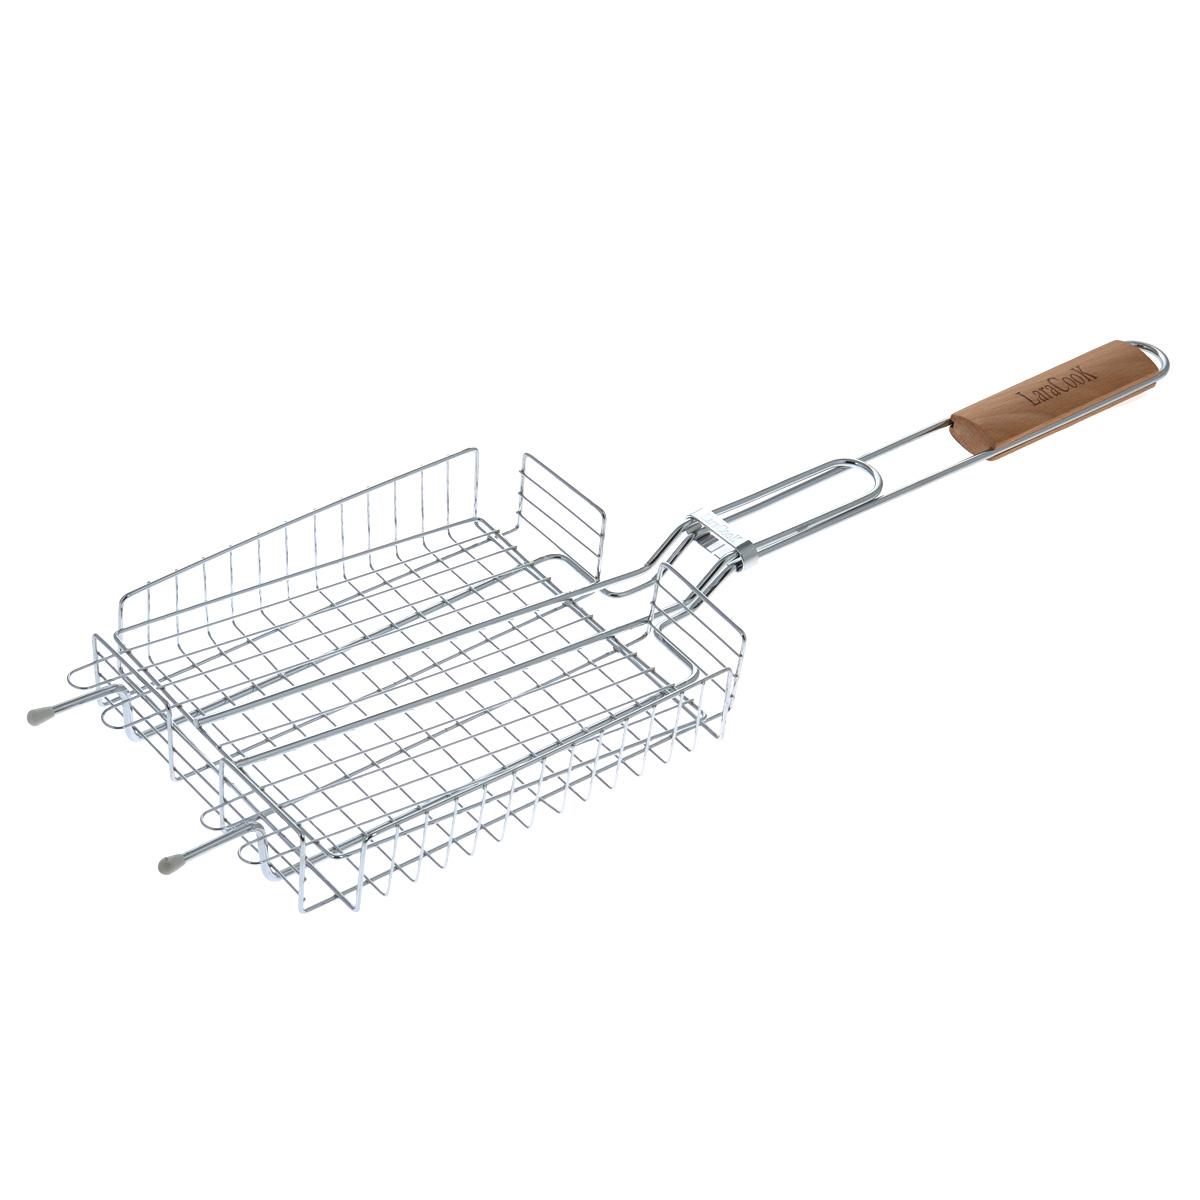 Решетка-гриль глубокая Laracook, 25 см х 20 смCLP446Решетка-гриль Laracook изготовлена из нержавеющей стали. Приготовление вкусных блюд из рыбы, мяса или птицы на пикнике становится еще более быстрым и удобным с использованием решетки-гриль. Верхняя прижимная сетка решетки регулируется по высоте и позволяет готовить продукты разной толщины. Высокие бортики не дадут упасть продуктам на угли при перевороте решетки. Решетка-гриль отлично подходит для мангала. Удобная для обхвата деревянная ручка помогает легче переворачивать решетку и делает ее использование более безопасным. Размер решетки: 25 см х 20 см х 5 см.Длина ручки: 37 см.